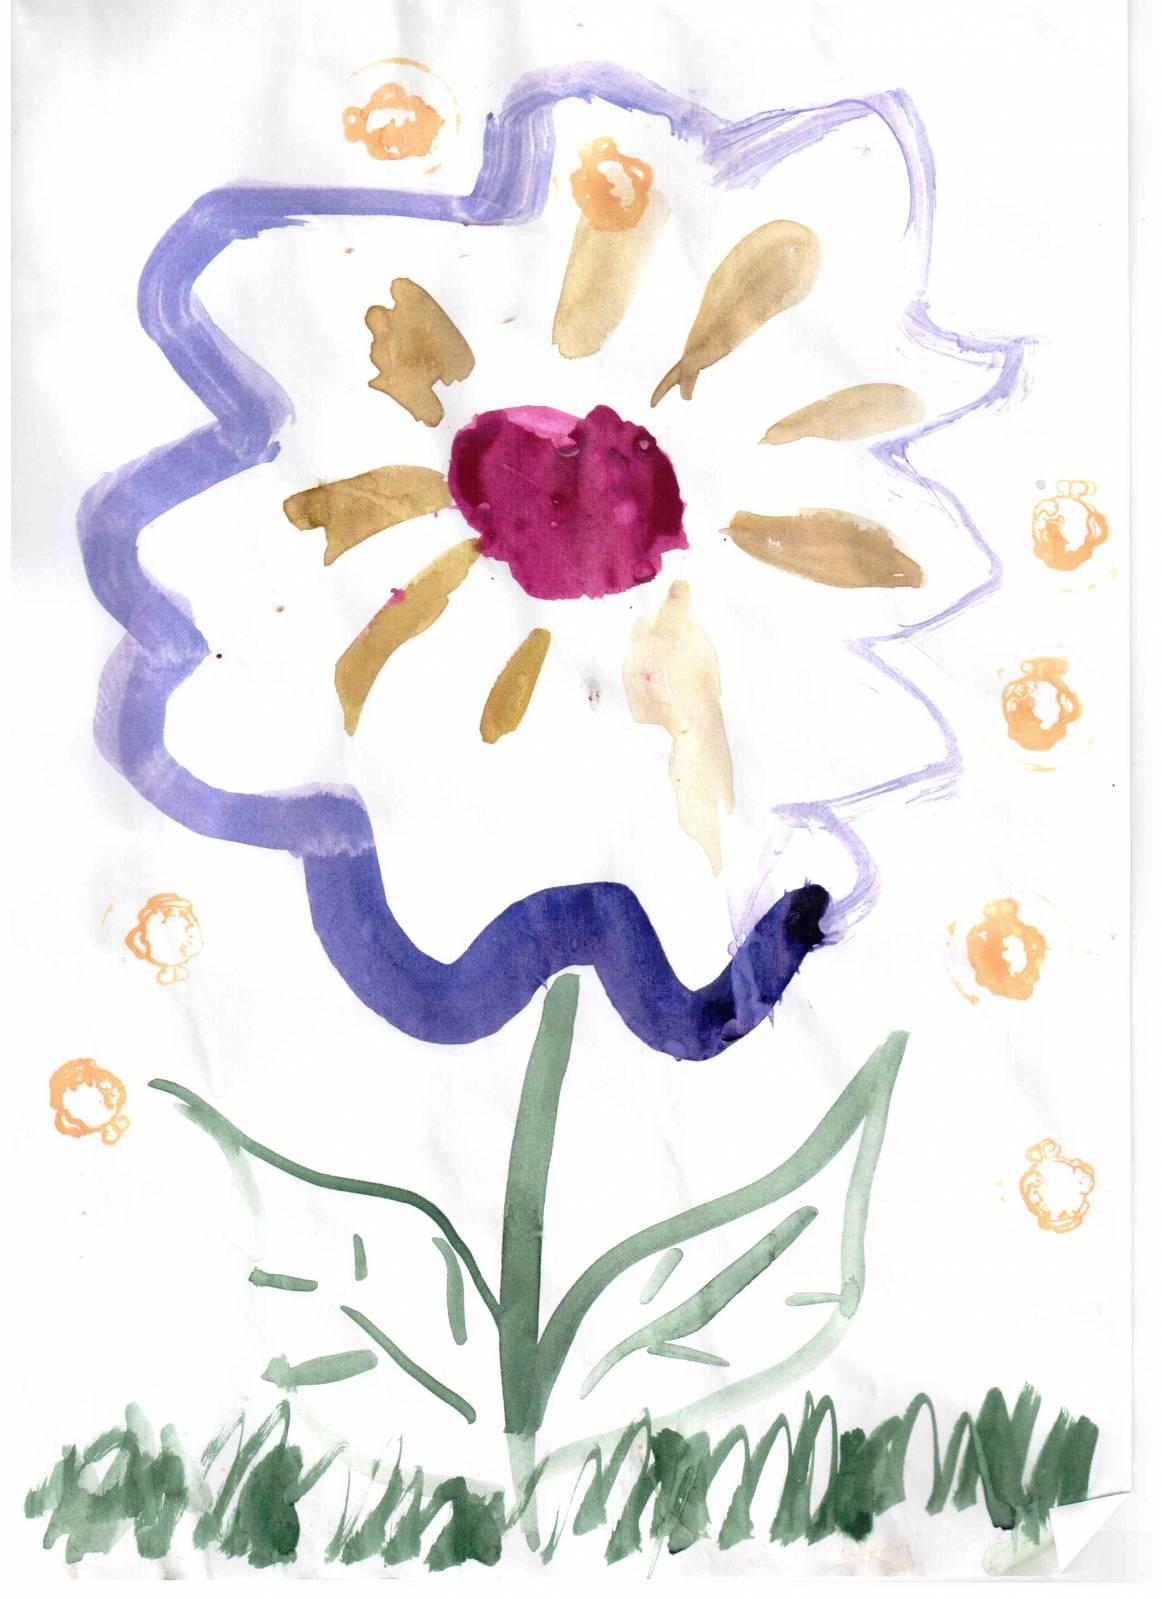 научить ребенка рисовать